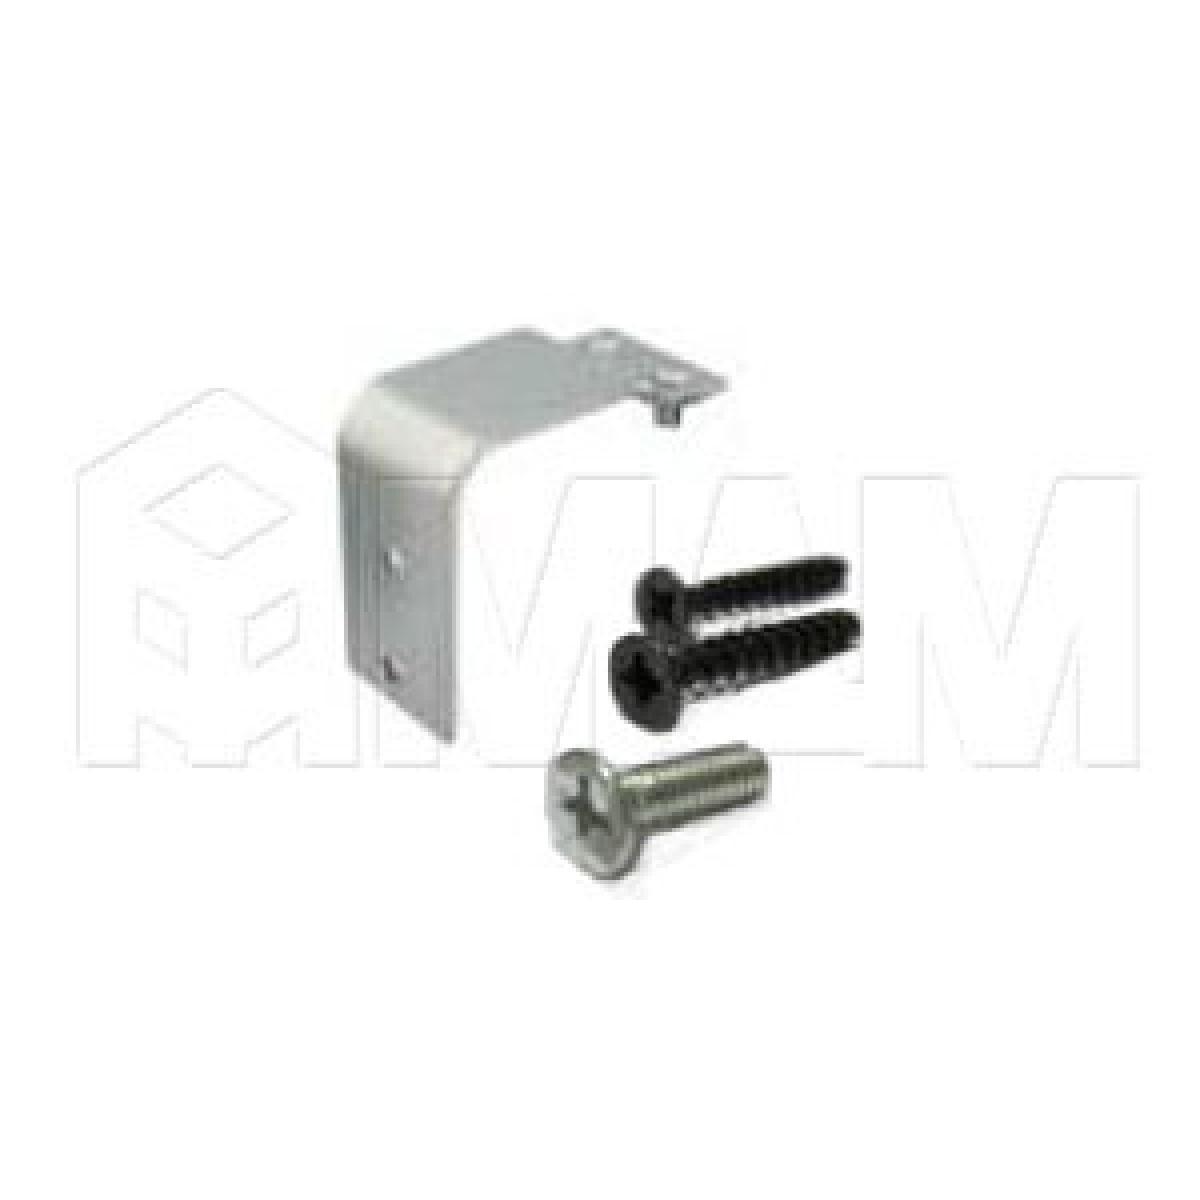 Softspace двухстор. крепление для внешн. двери до 33 мм + компл. винтов и саморезов